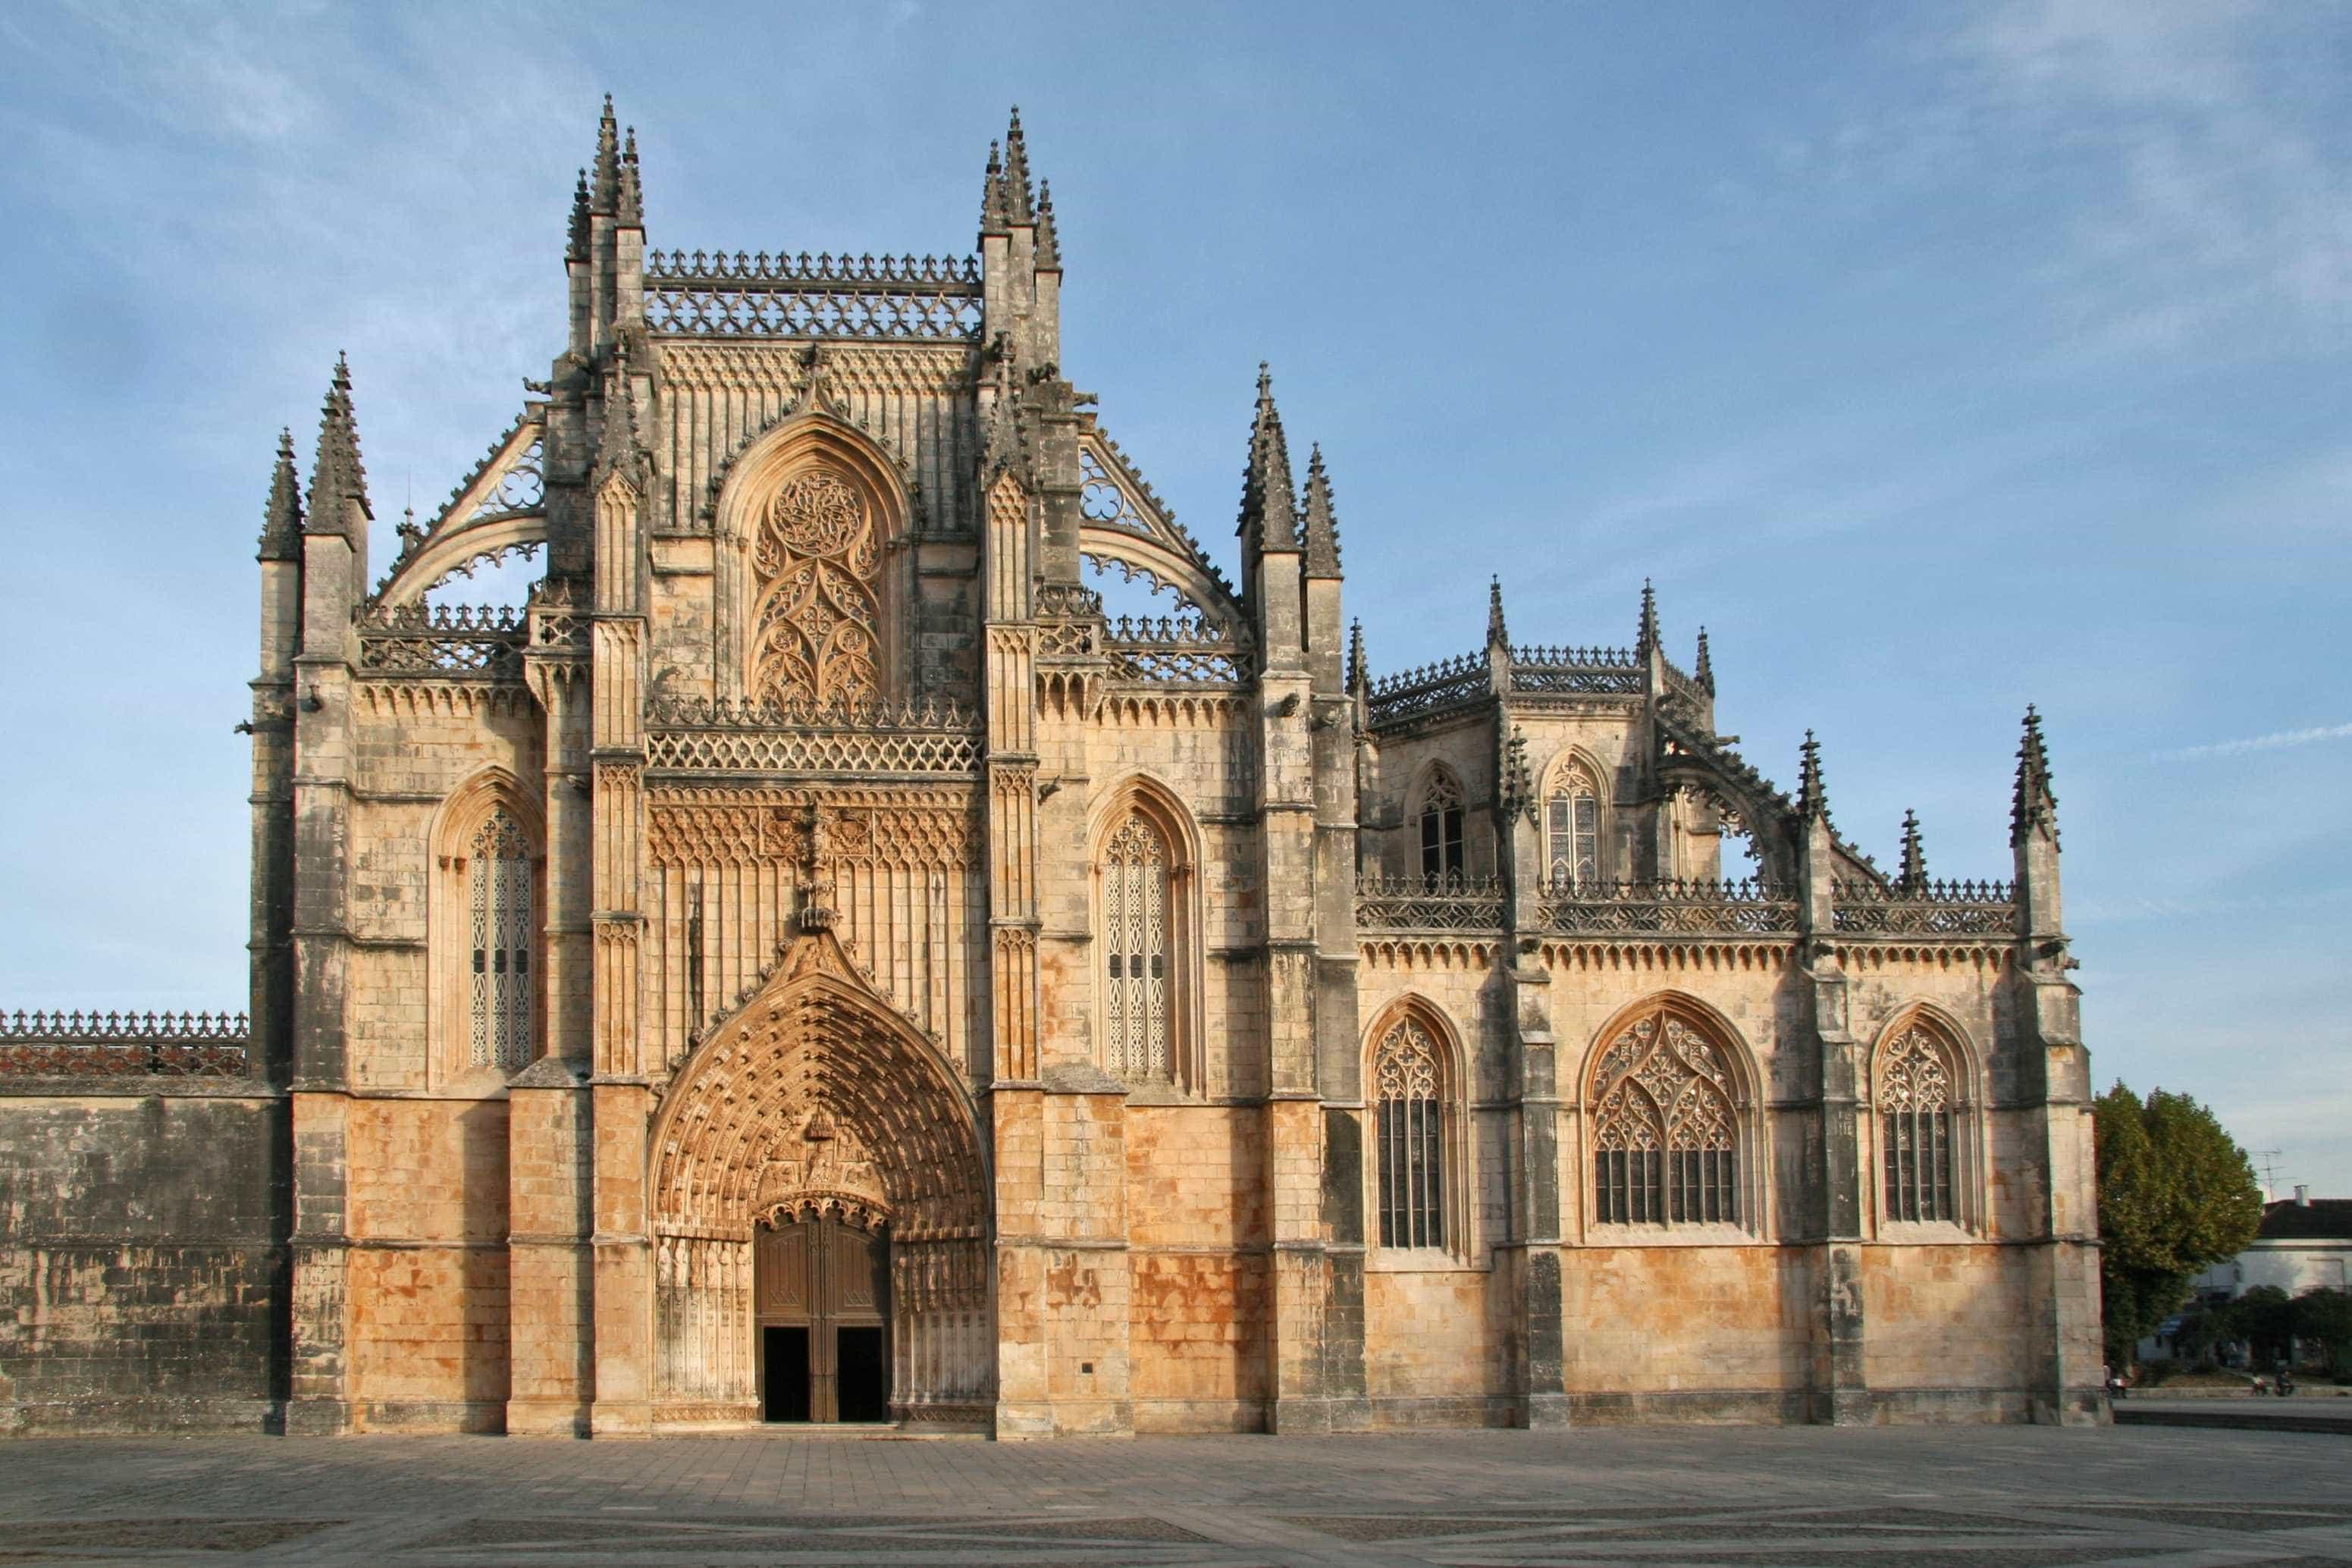 Especialistas do património arquitetónico no Mosteiro da Batalha